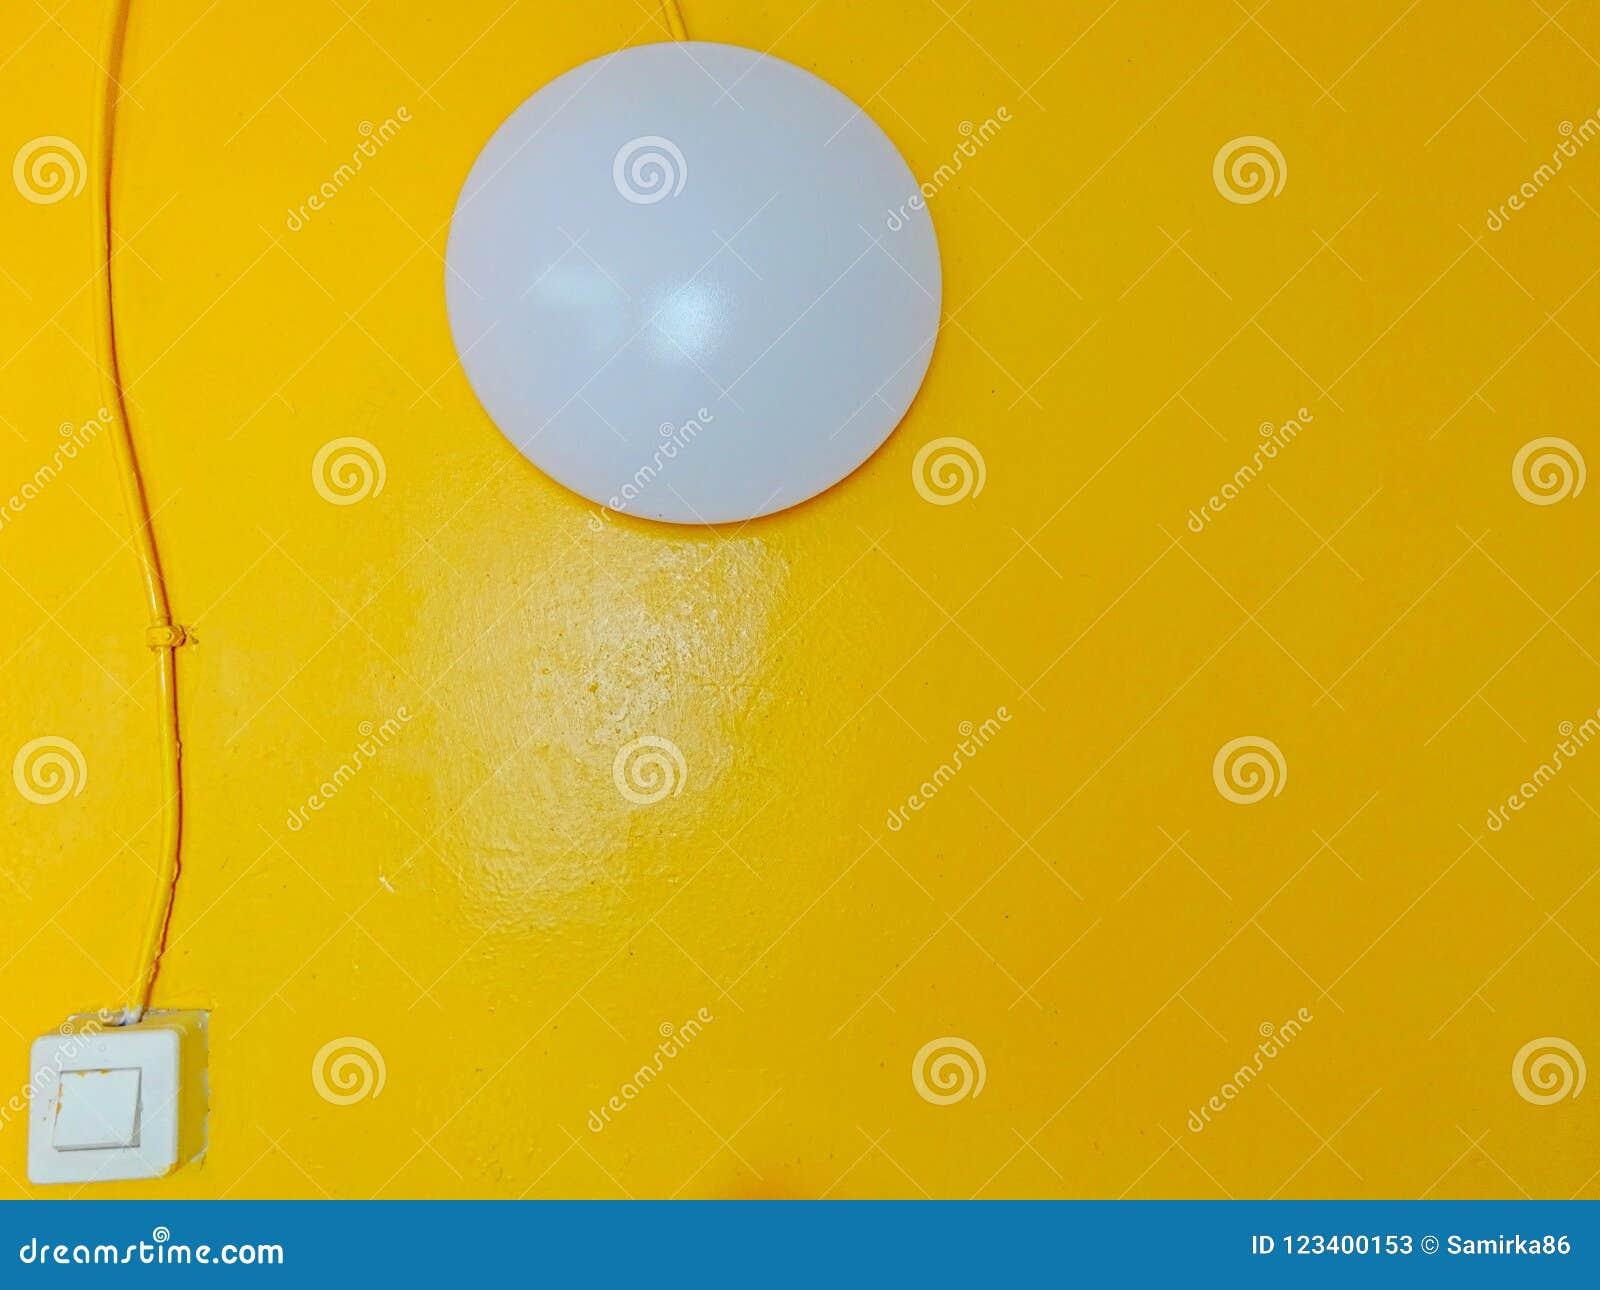 Weiße runde helle Lampe mit quadratischem Schalter